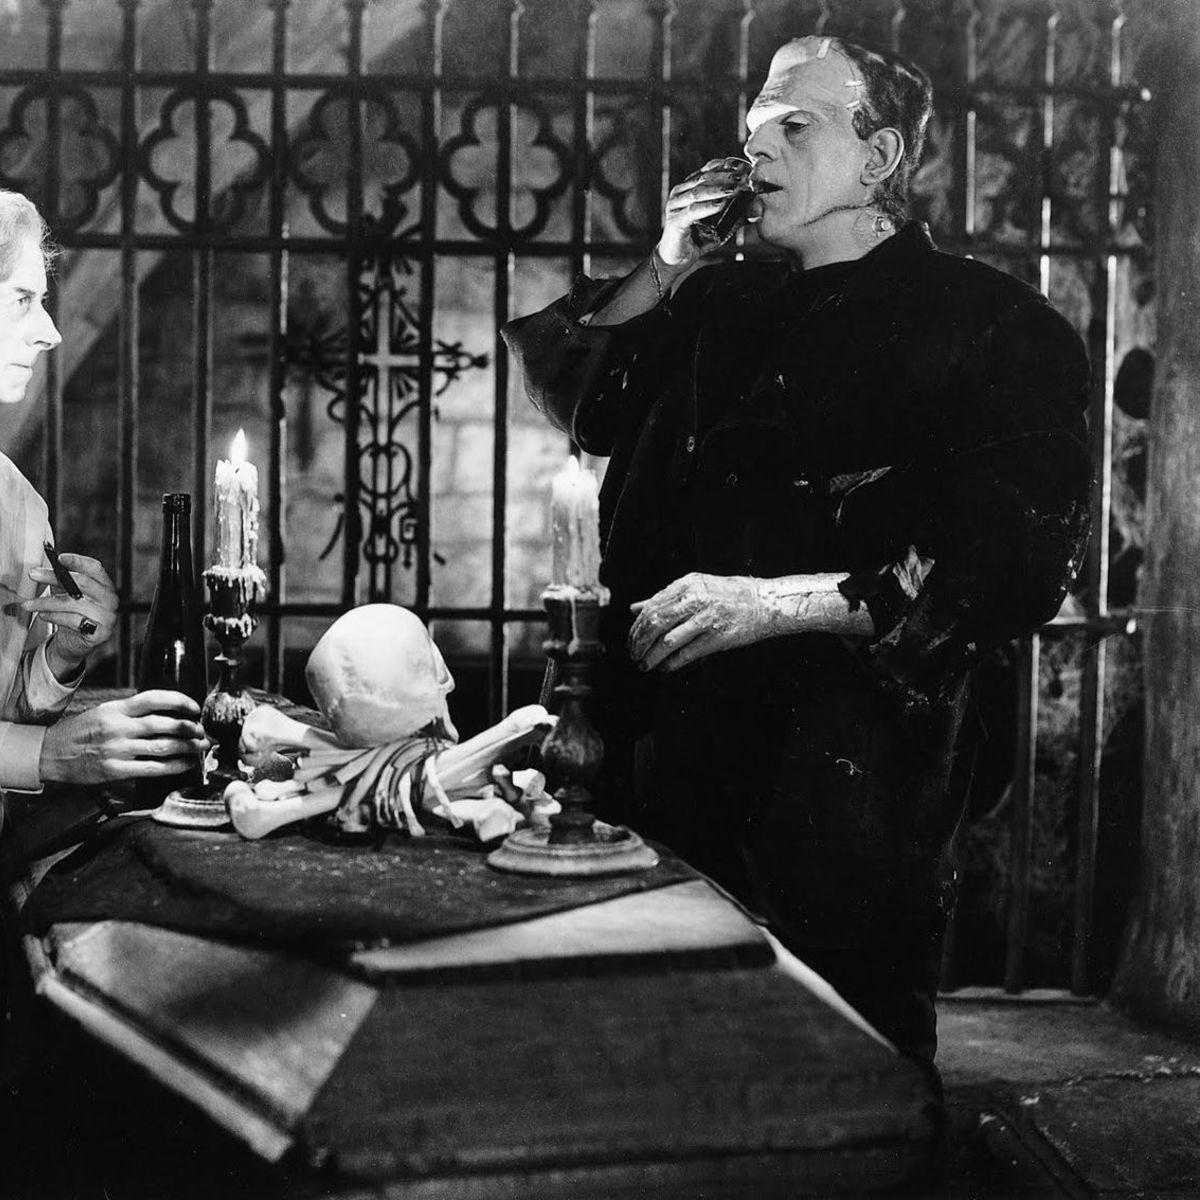 Karloff Bride of Frankenstein